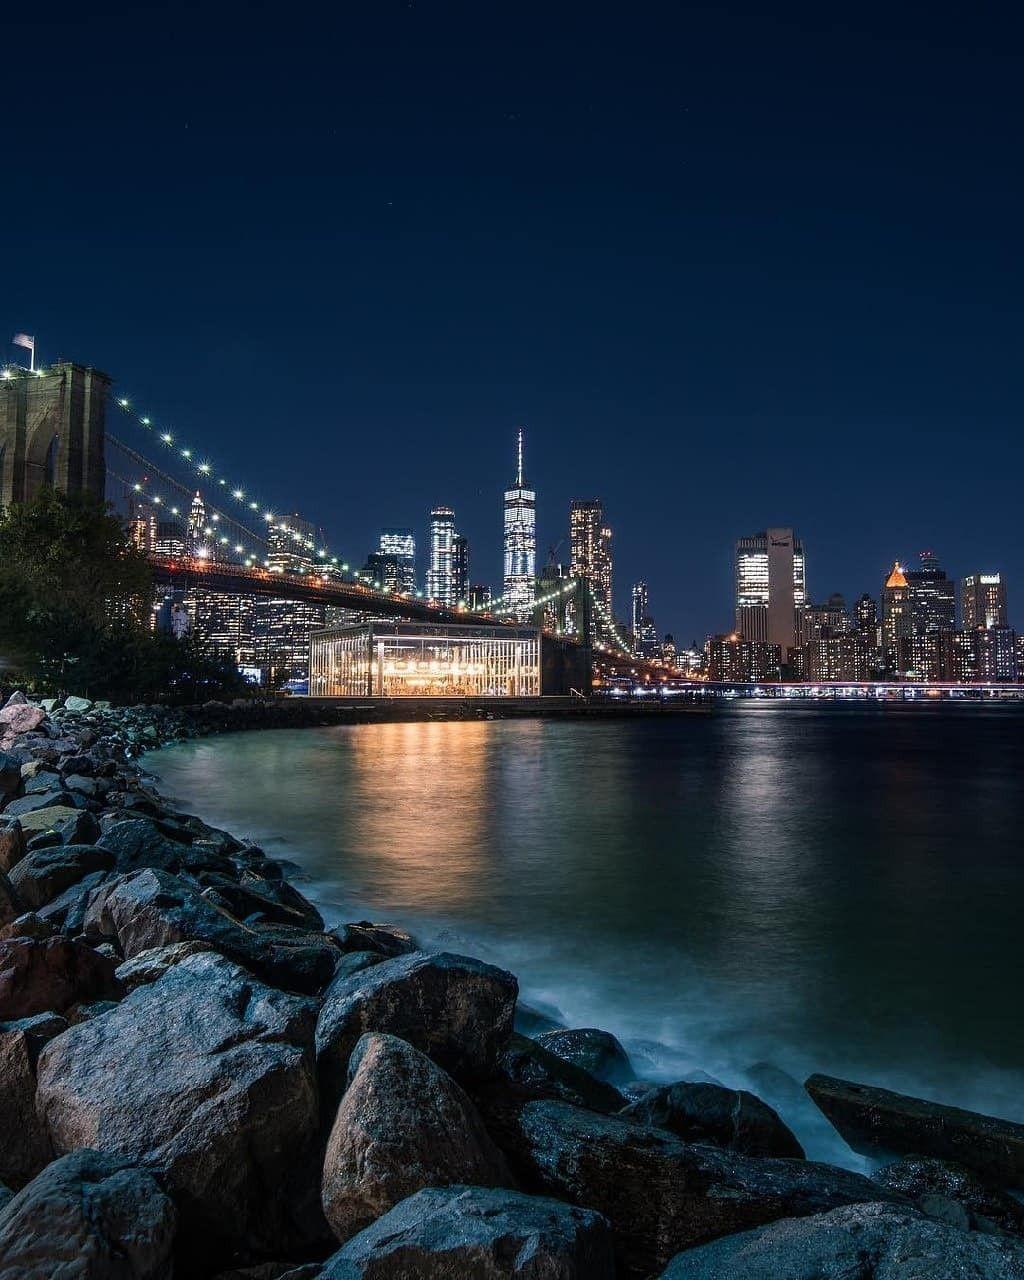 𝓋𝒾𝓋𝒶 𝓋𝒾𝓋𝒶𝒸𝒾𝑜𝓊𝓈 New York Newyork Nyc Ny City